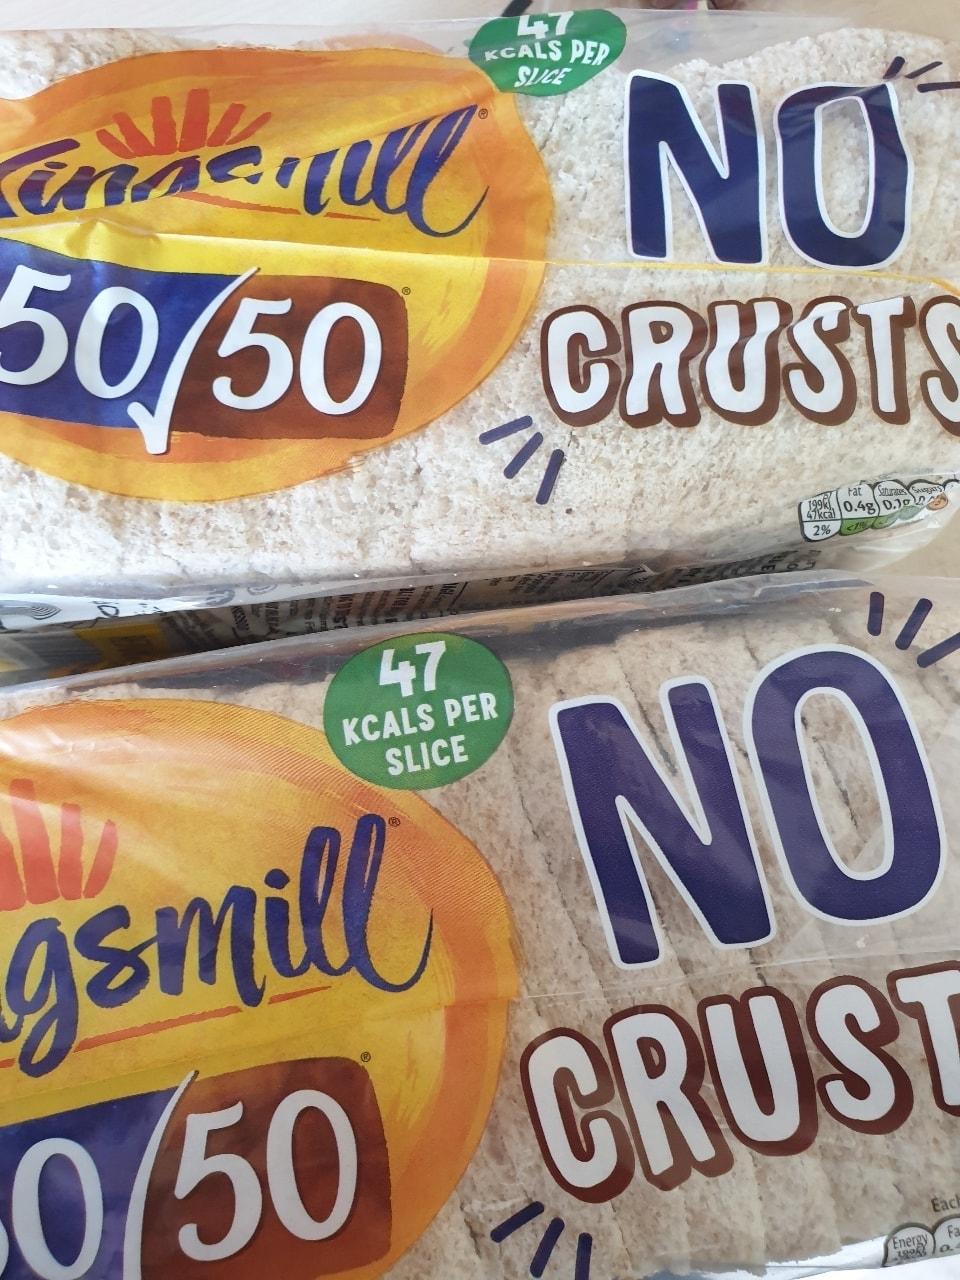 No Crusts